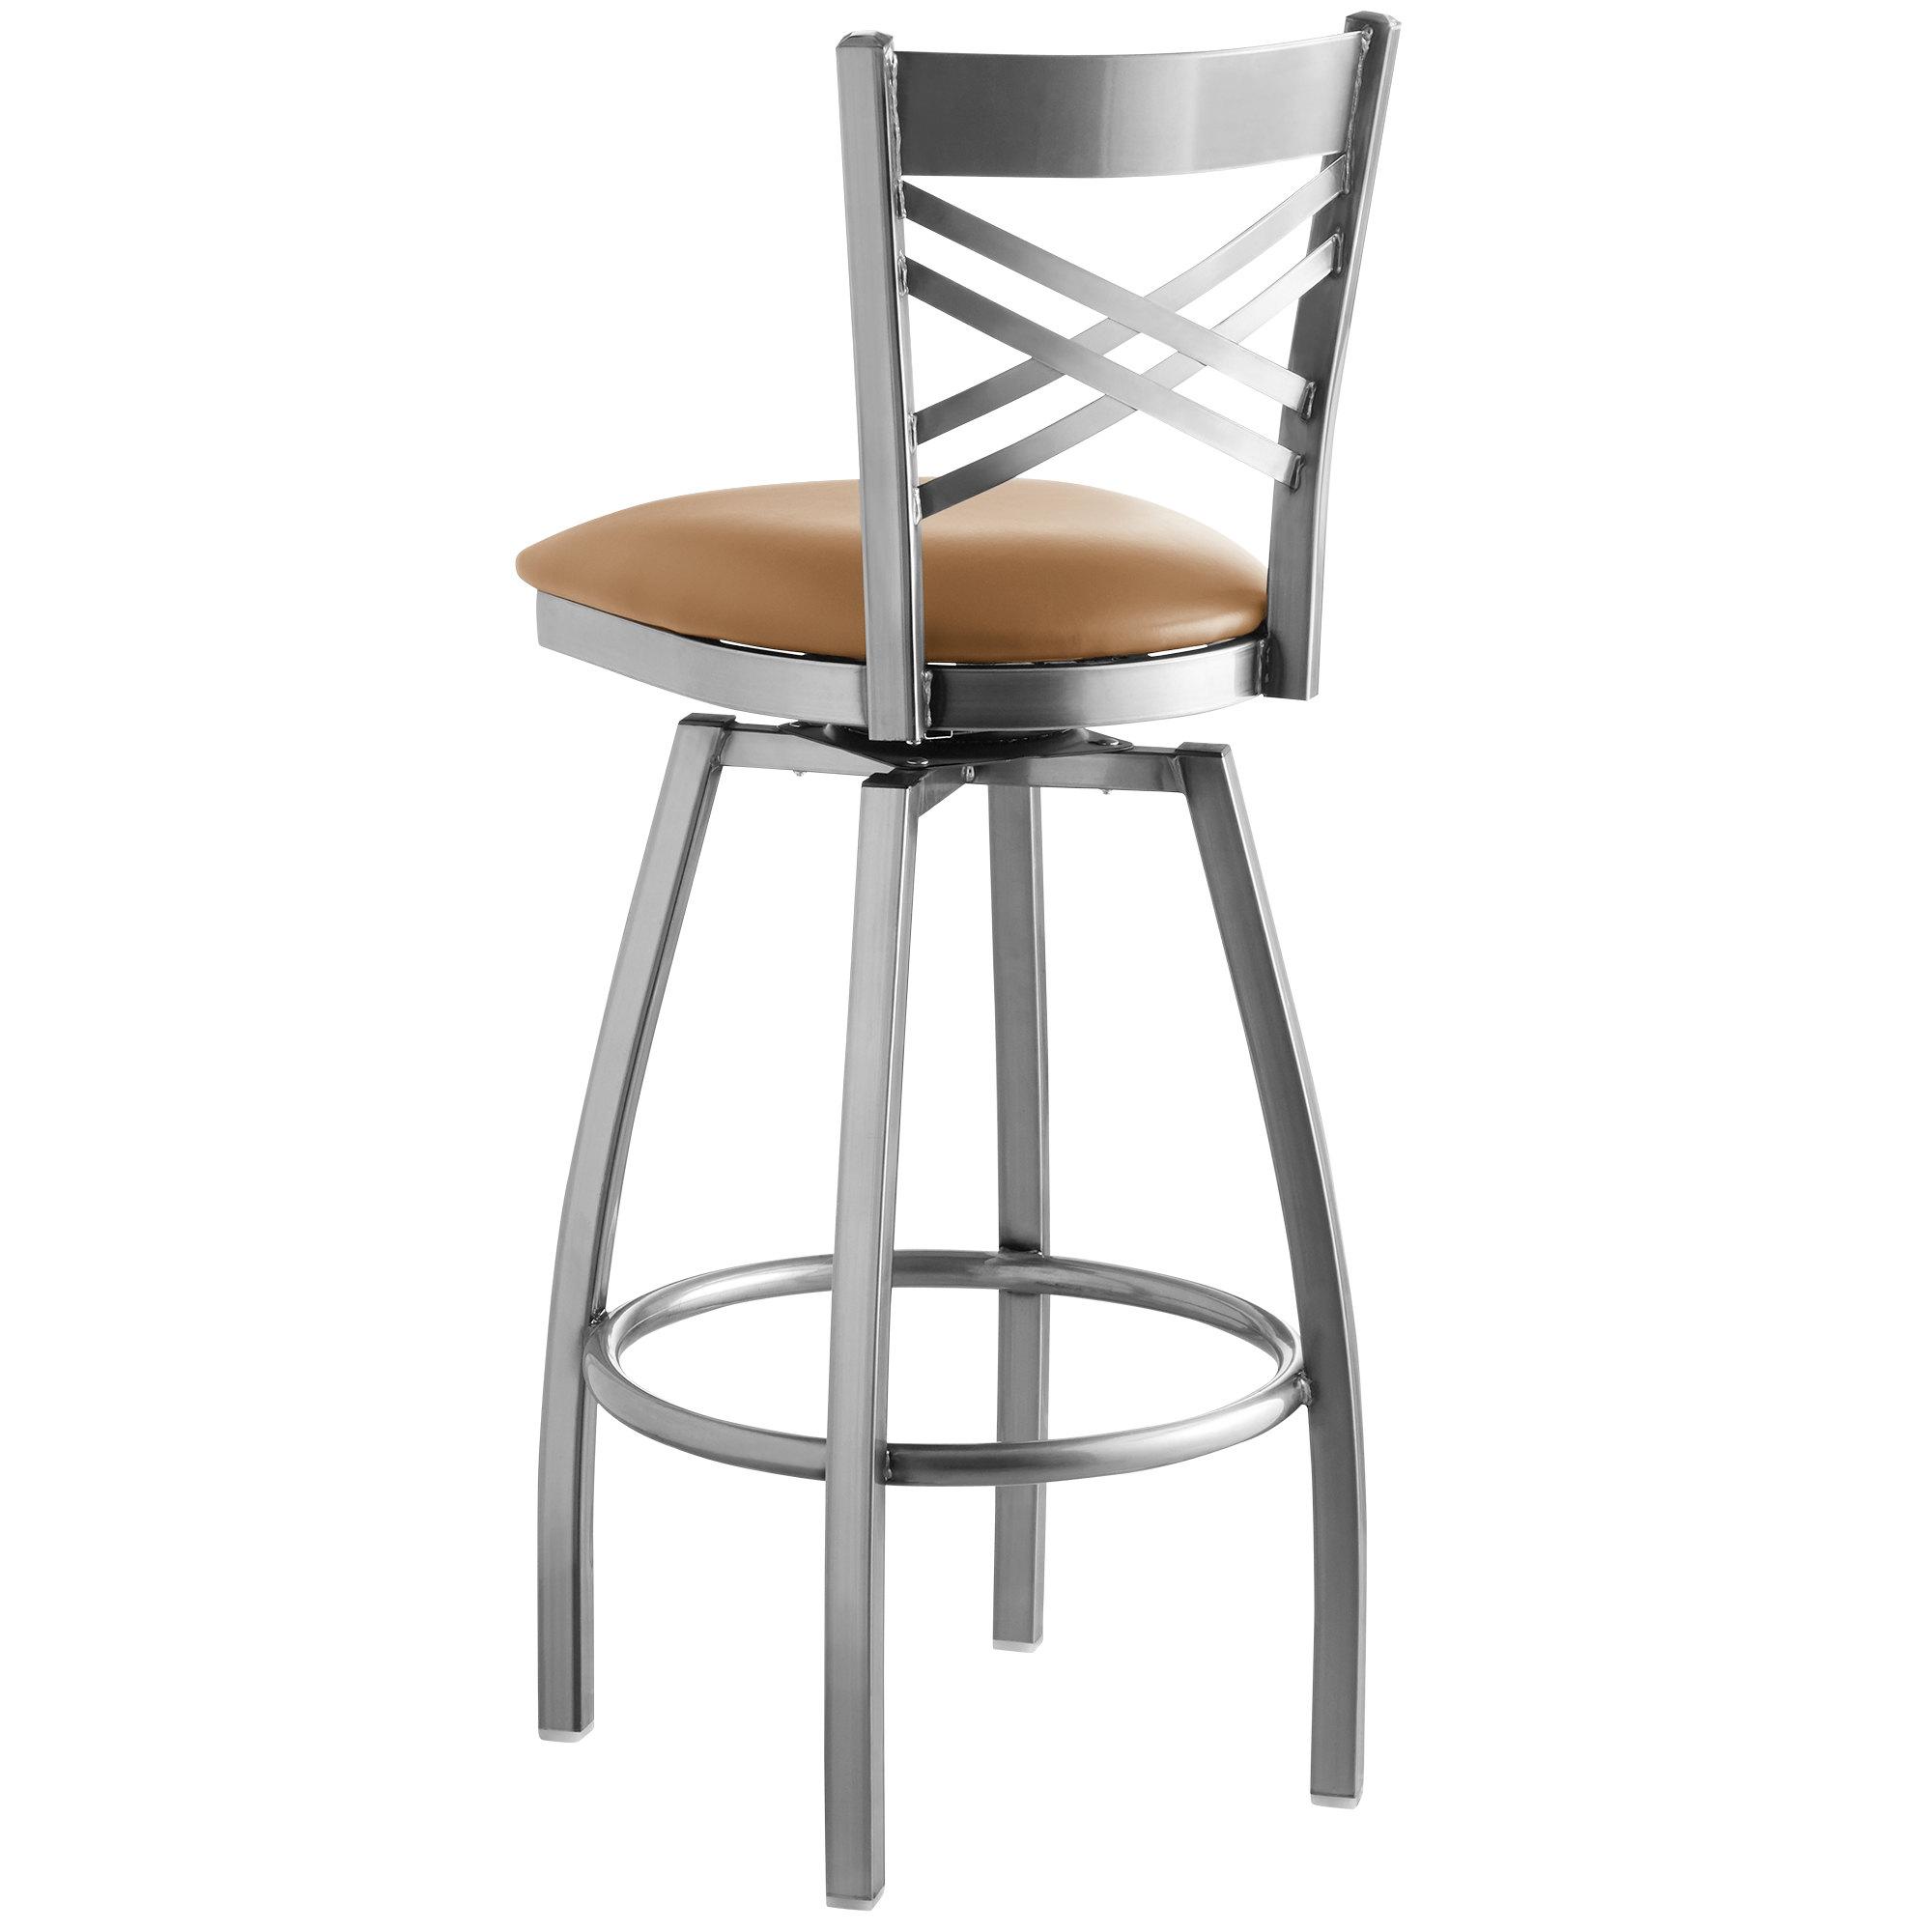 #206 - Cross Back Clear Coat Swivel Restaurant Barstool with Light Brown Vinyl Seat